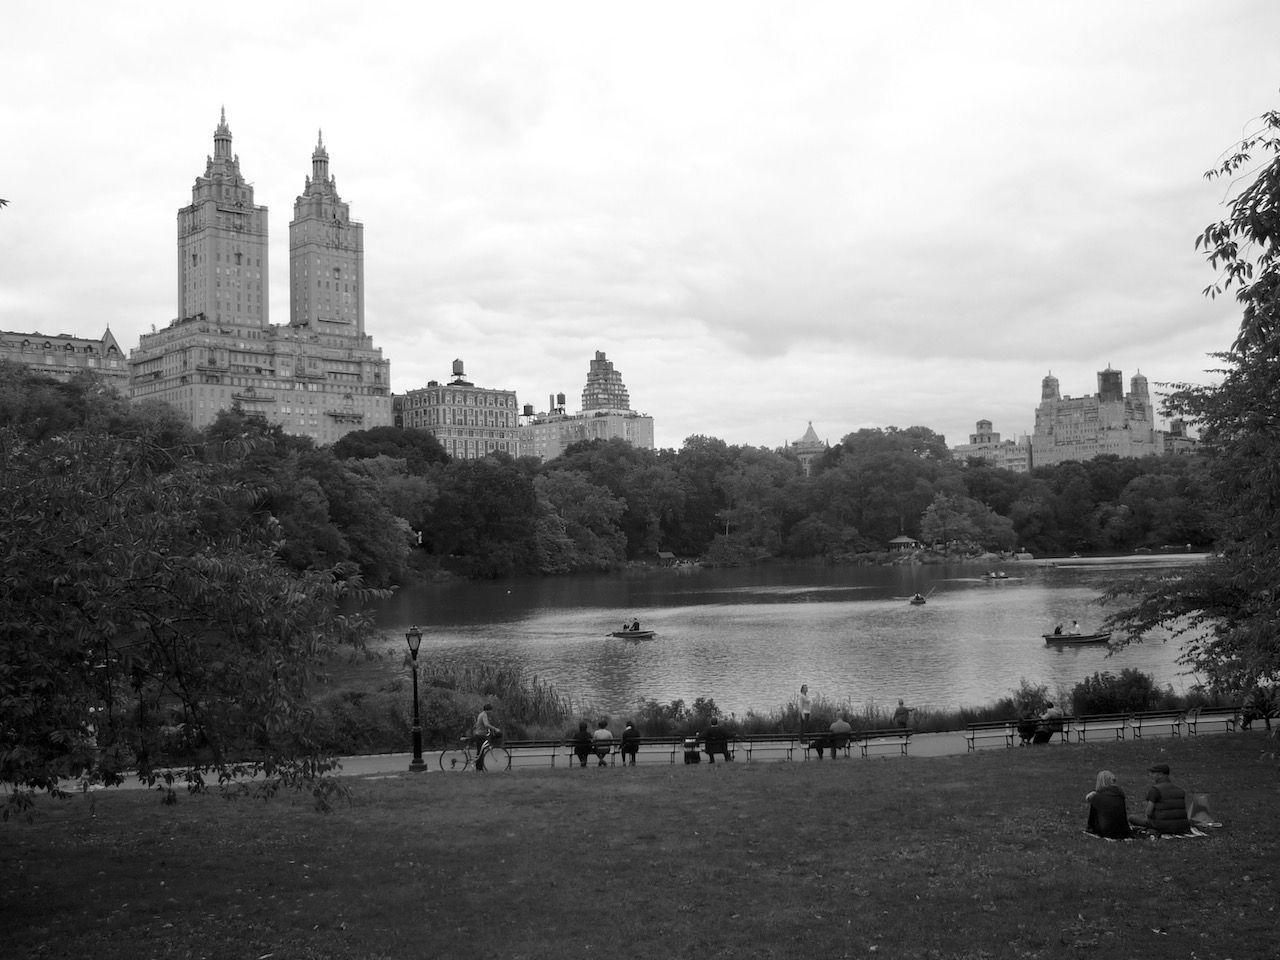 Recorrer Central Park en bici